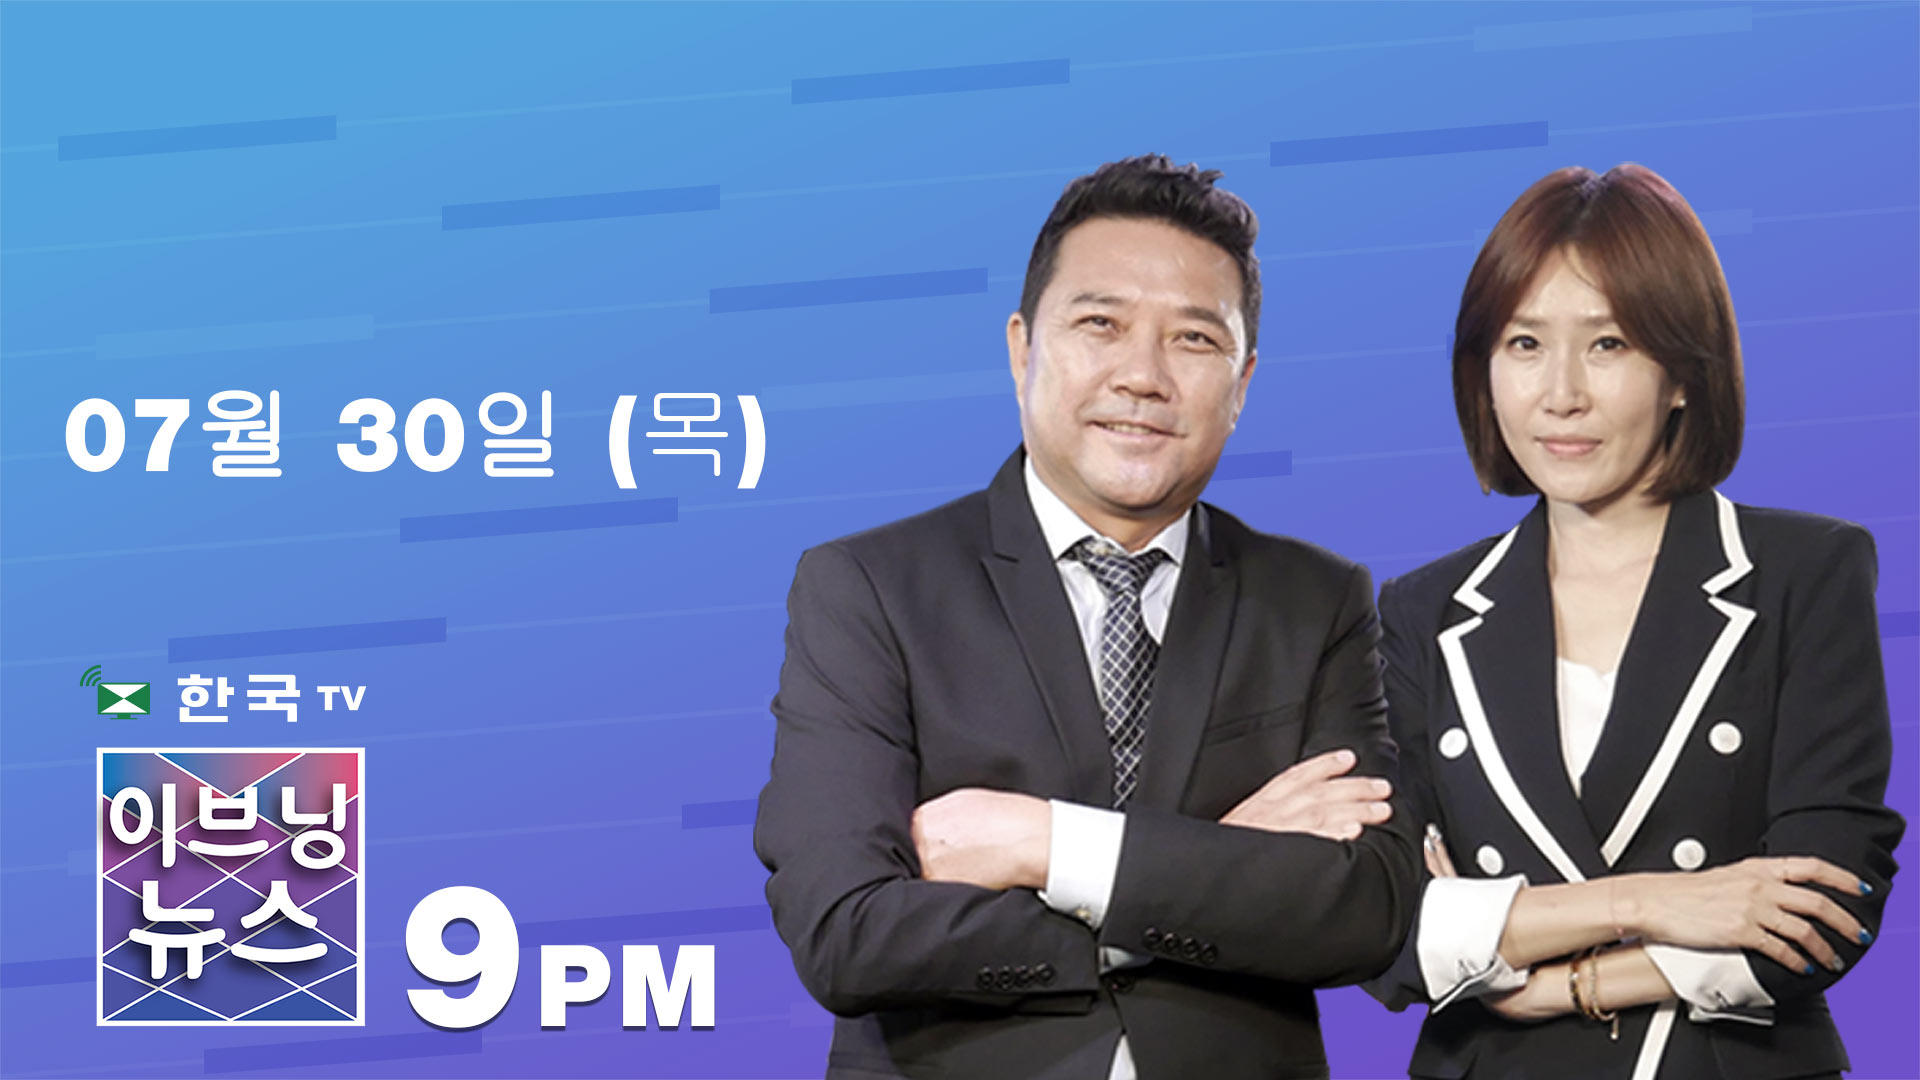 (07.30.2020) 한국TV 이브닝 뉴스